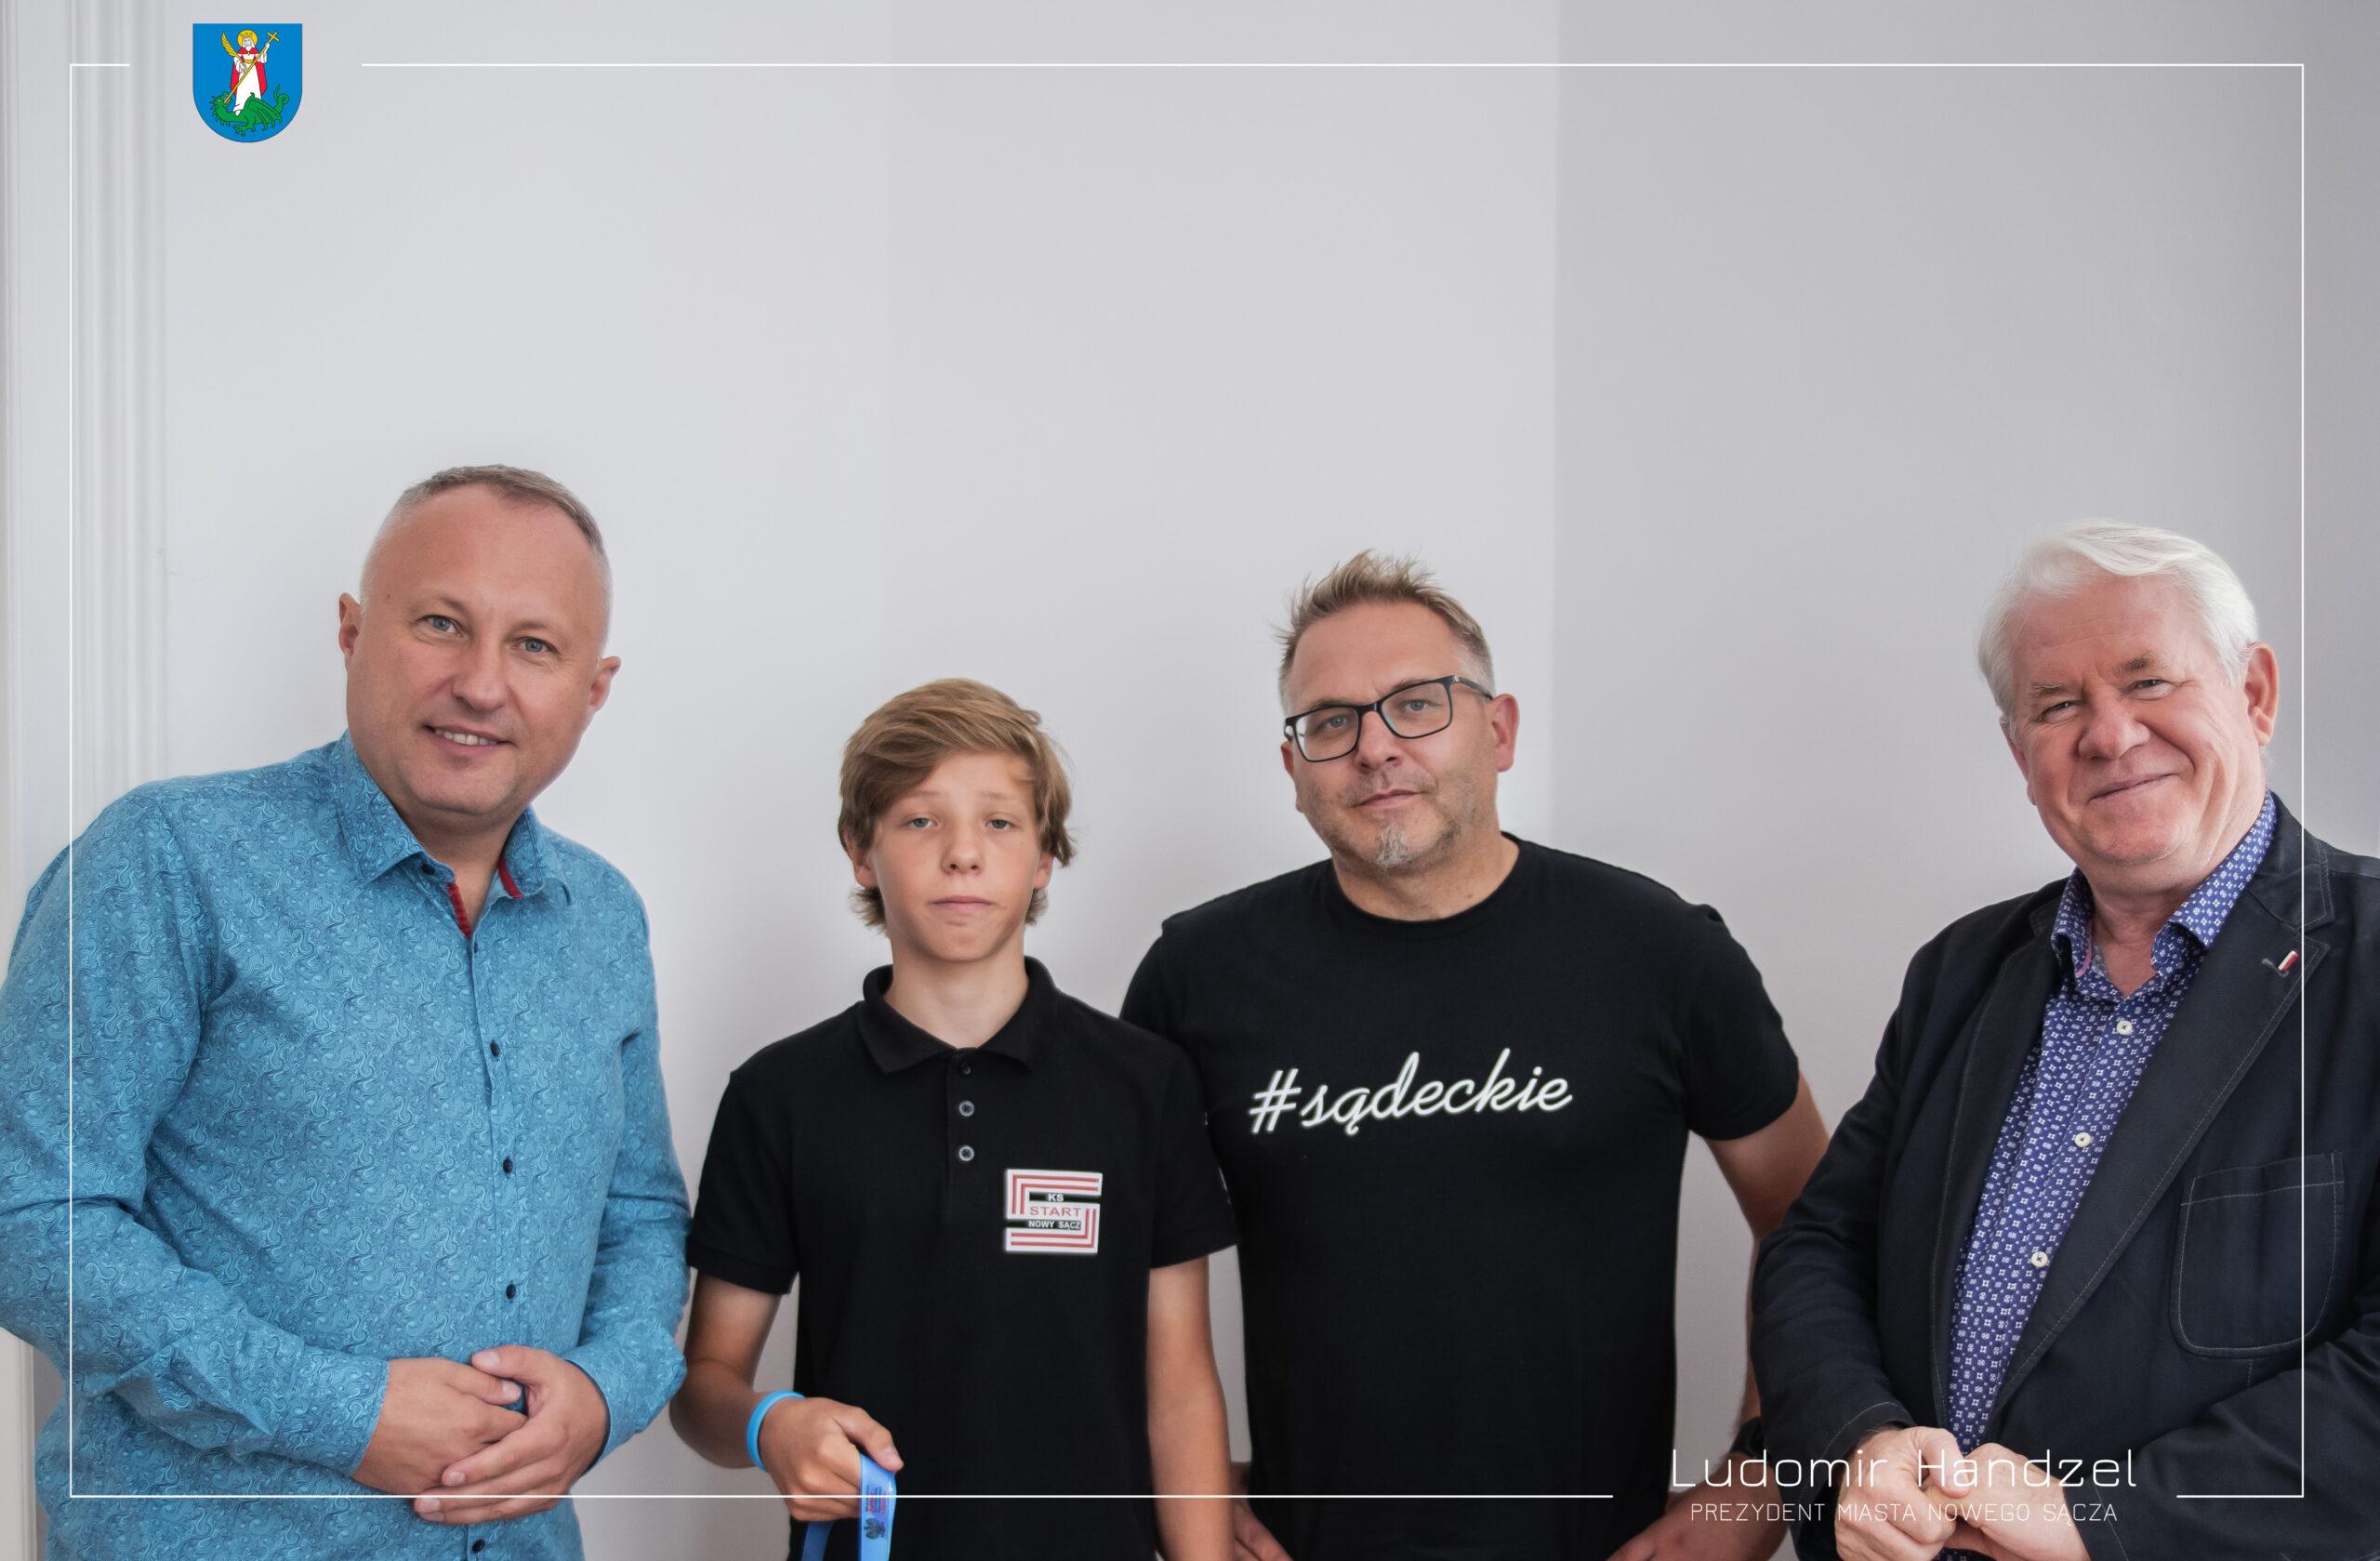 📣Miłe spotkanie z Joachimem Jabłońskim, zdobywcą drugiego miejsca w X Mistrzostwach Młodzików w Slalomie Kajakowym. 🎉🛶